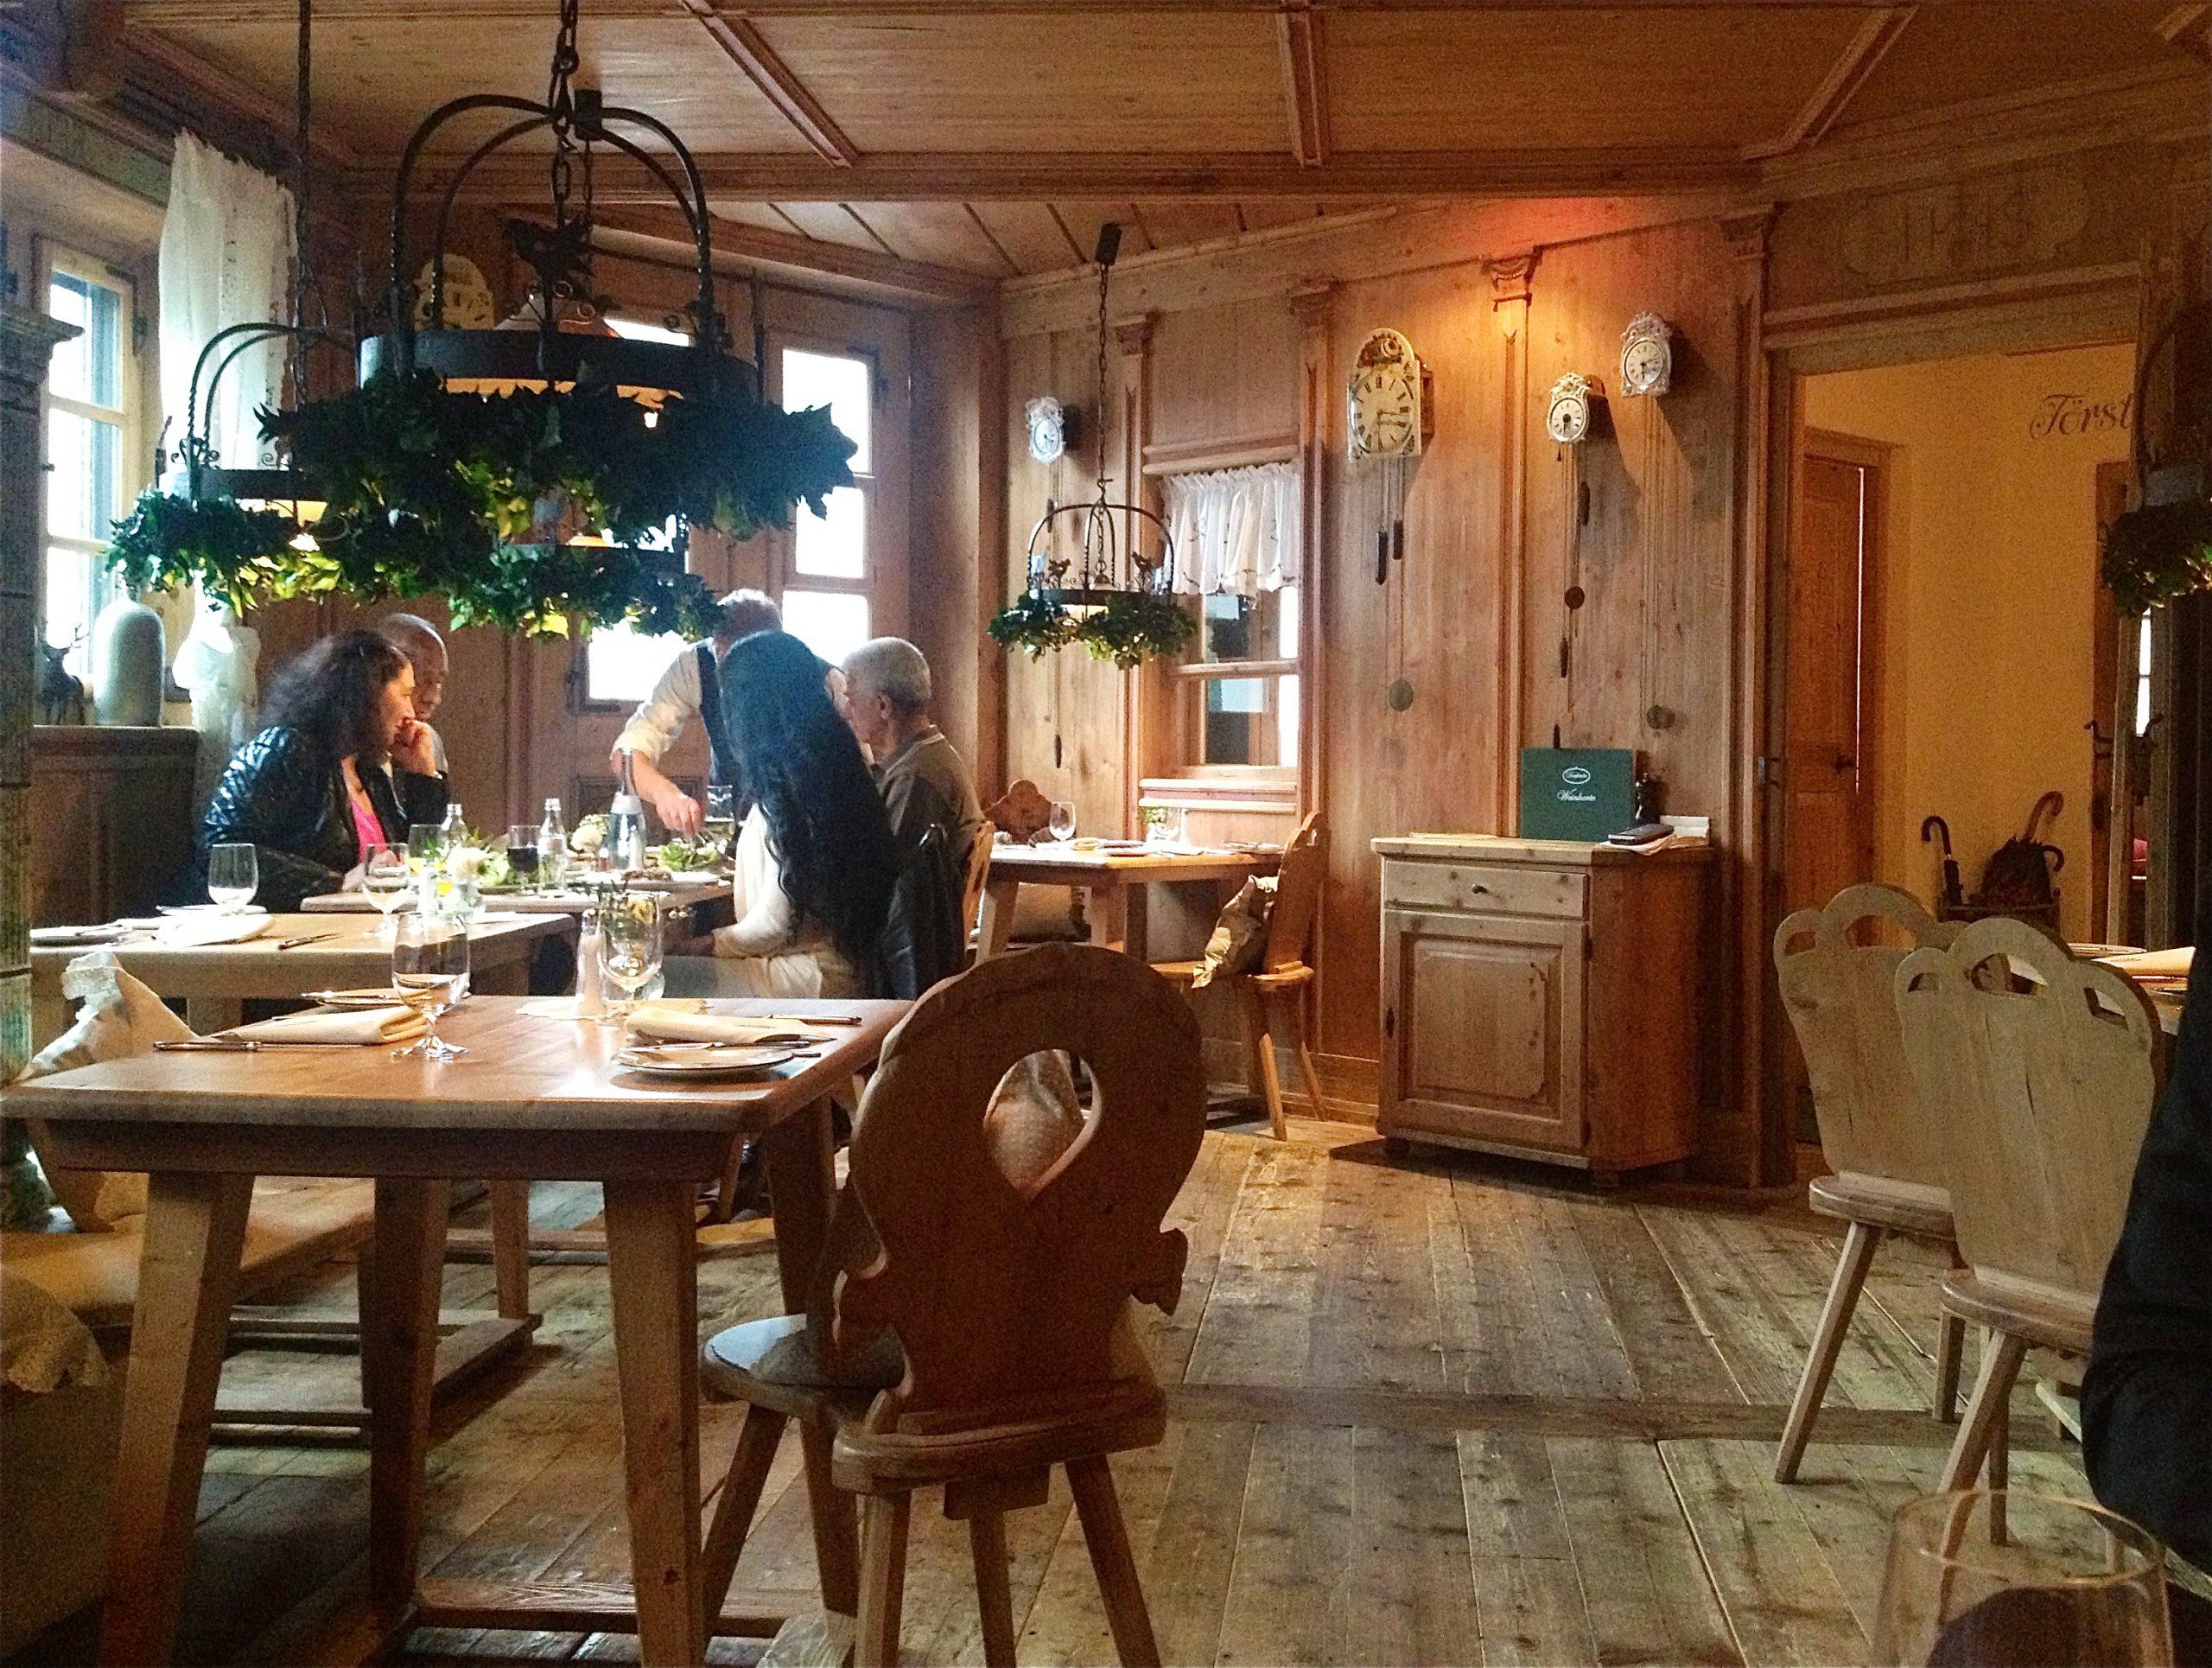 Der Ideale Ort Für (Romantische) Kurztrips: Düsseldorf mit Romantisches Dinner Düsseldorf